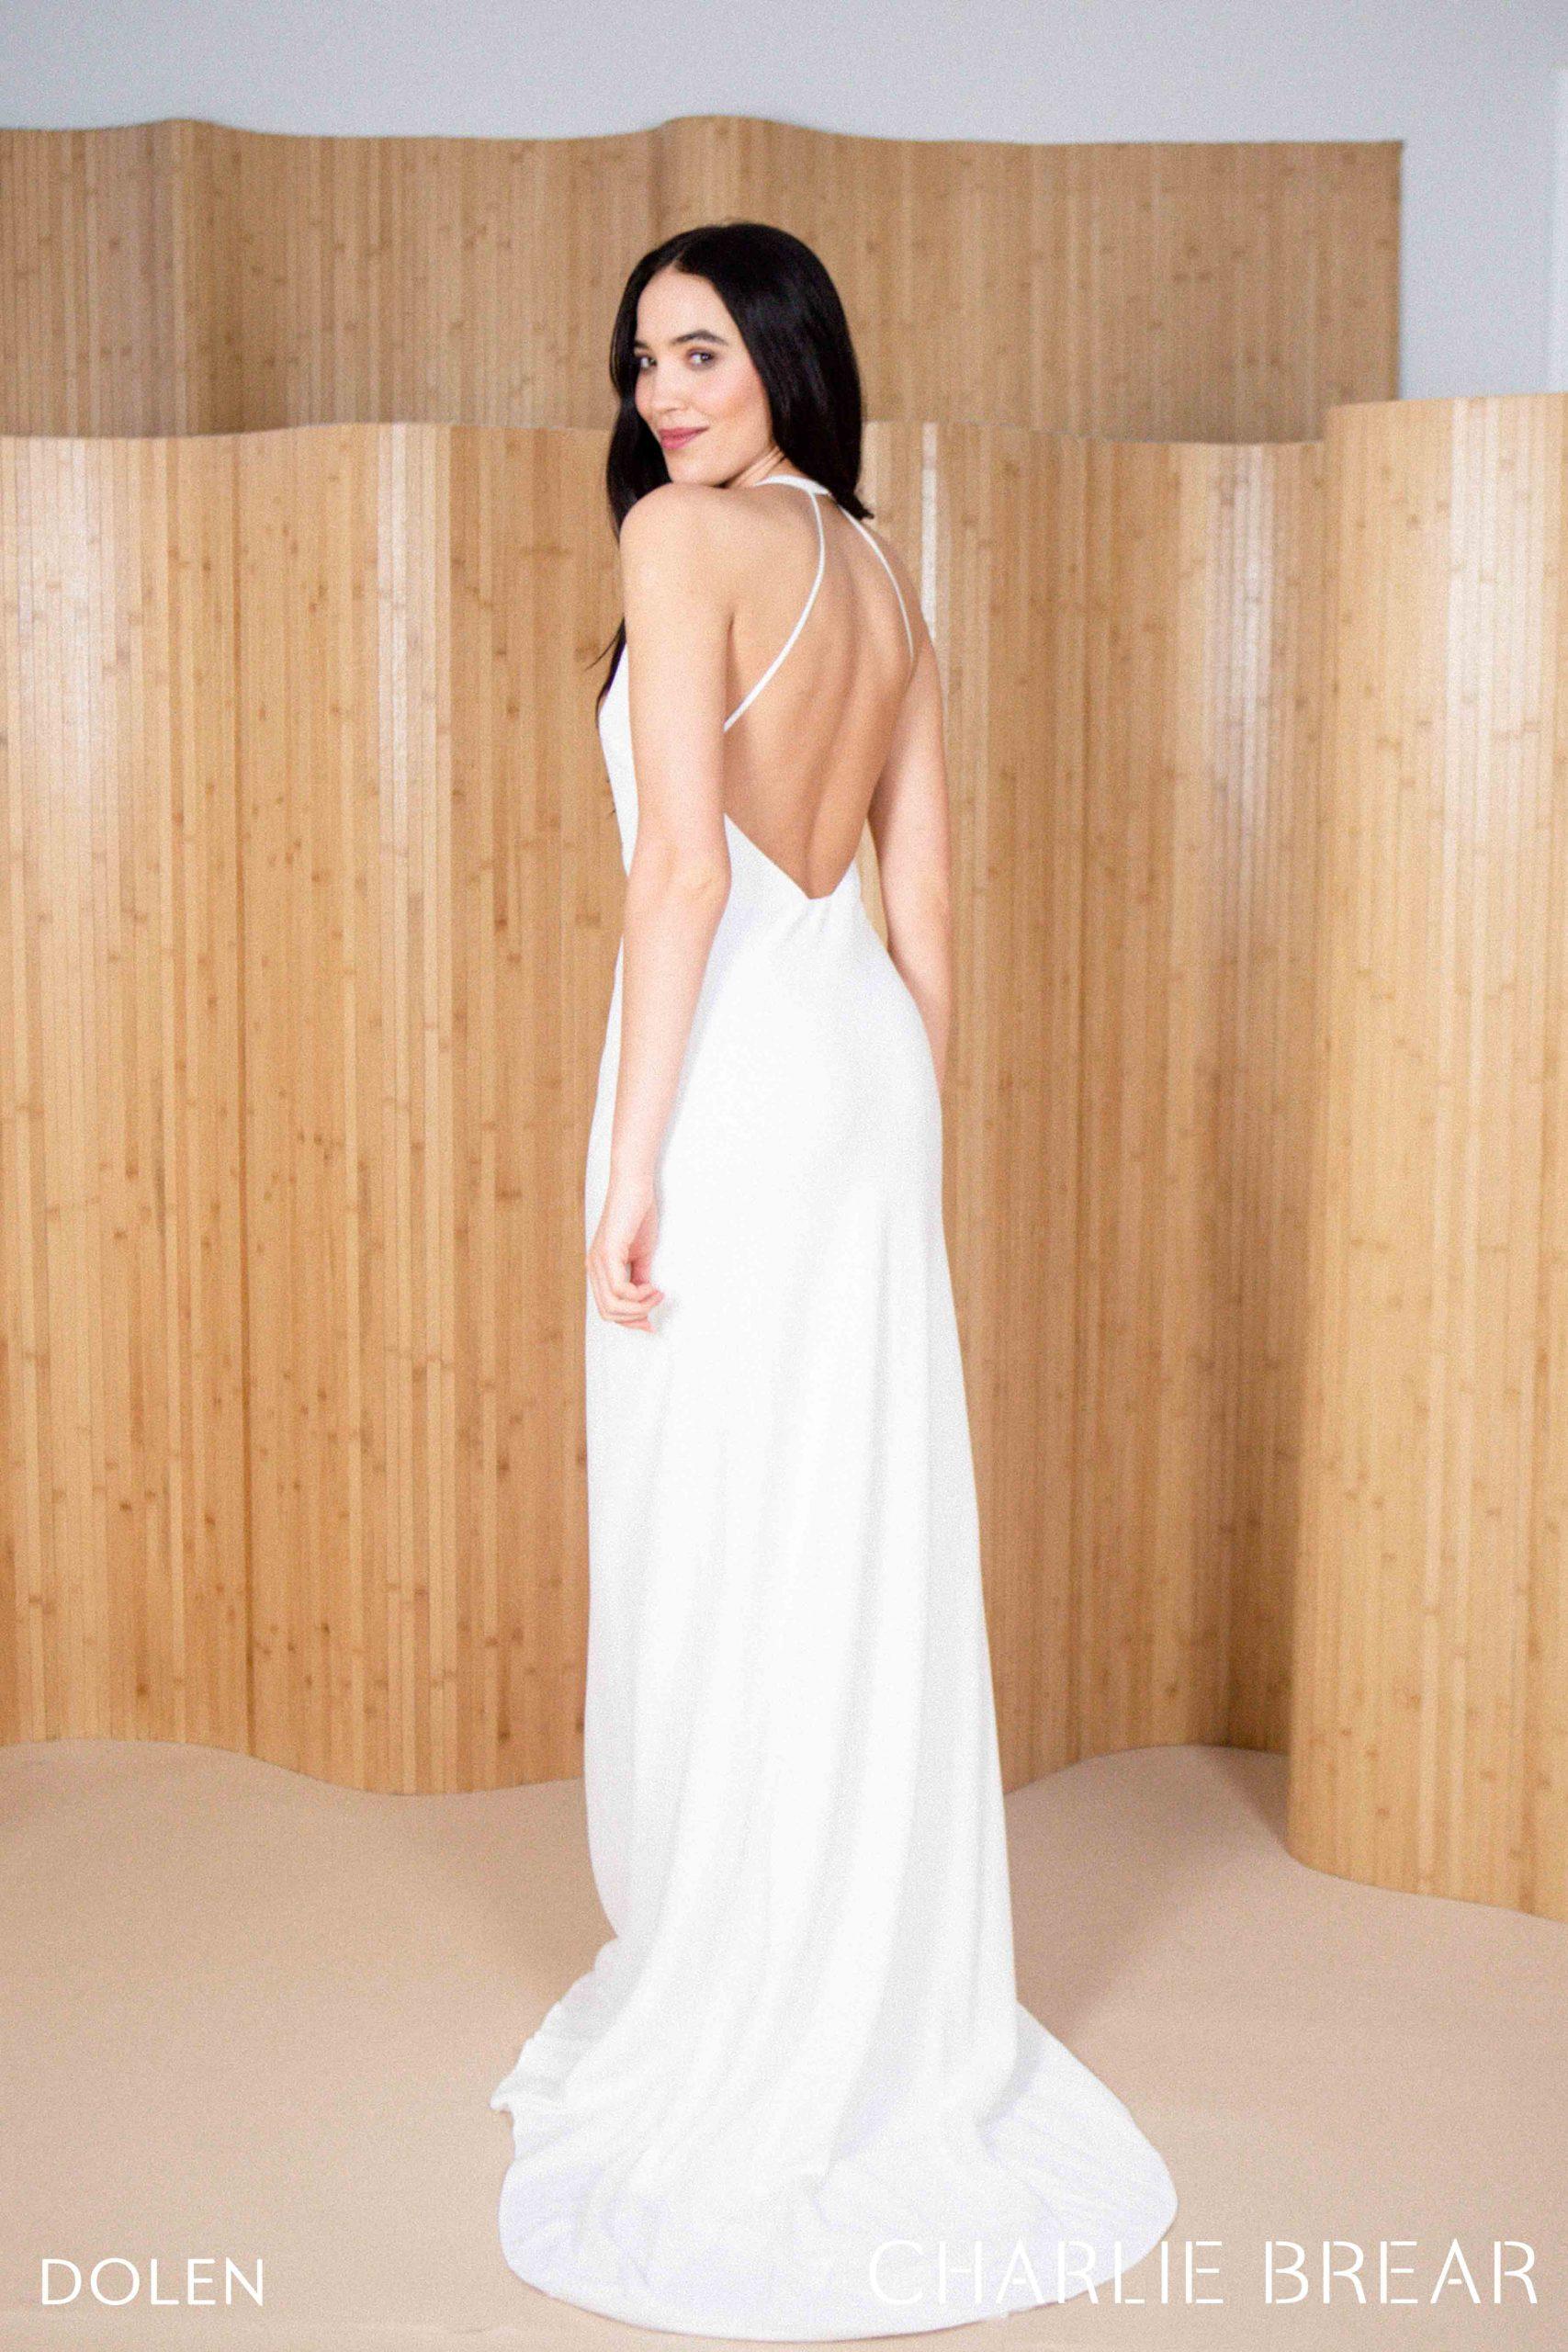 Dolen Dress